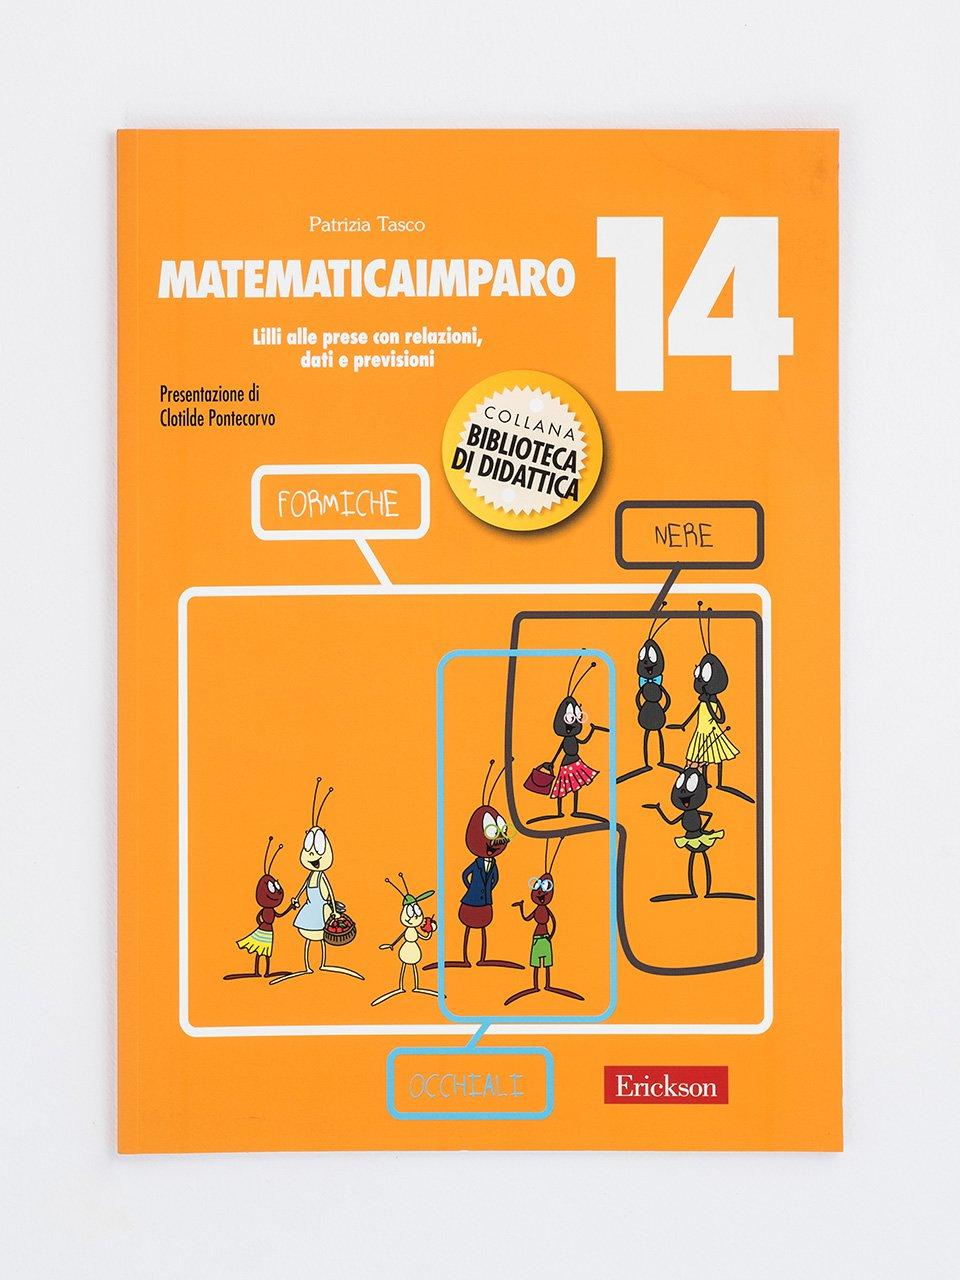 MatematicaImparo 14 - MatematicaImparo 10 - Libri - Erickson